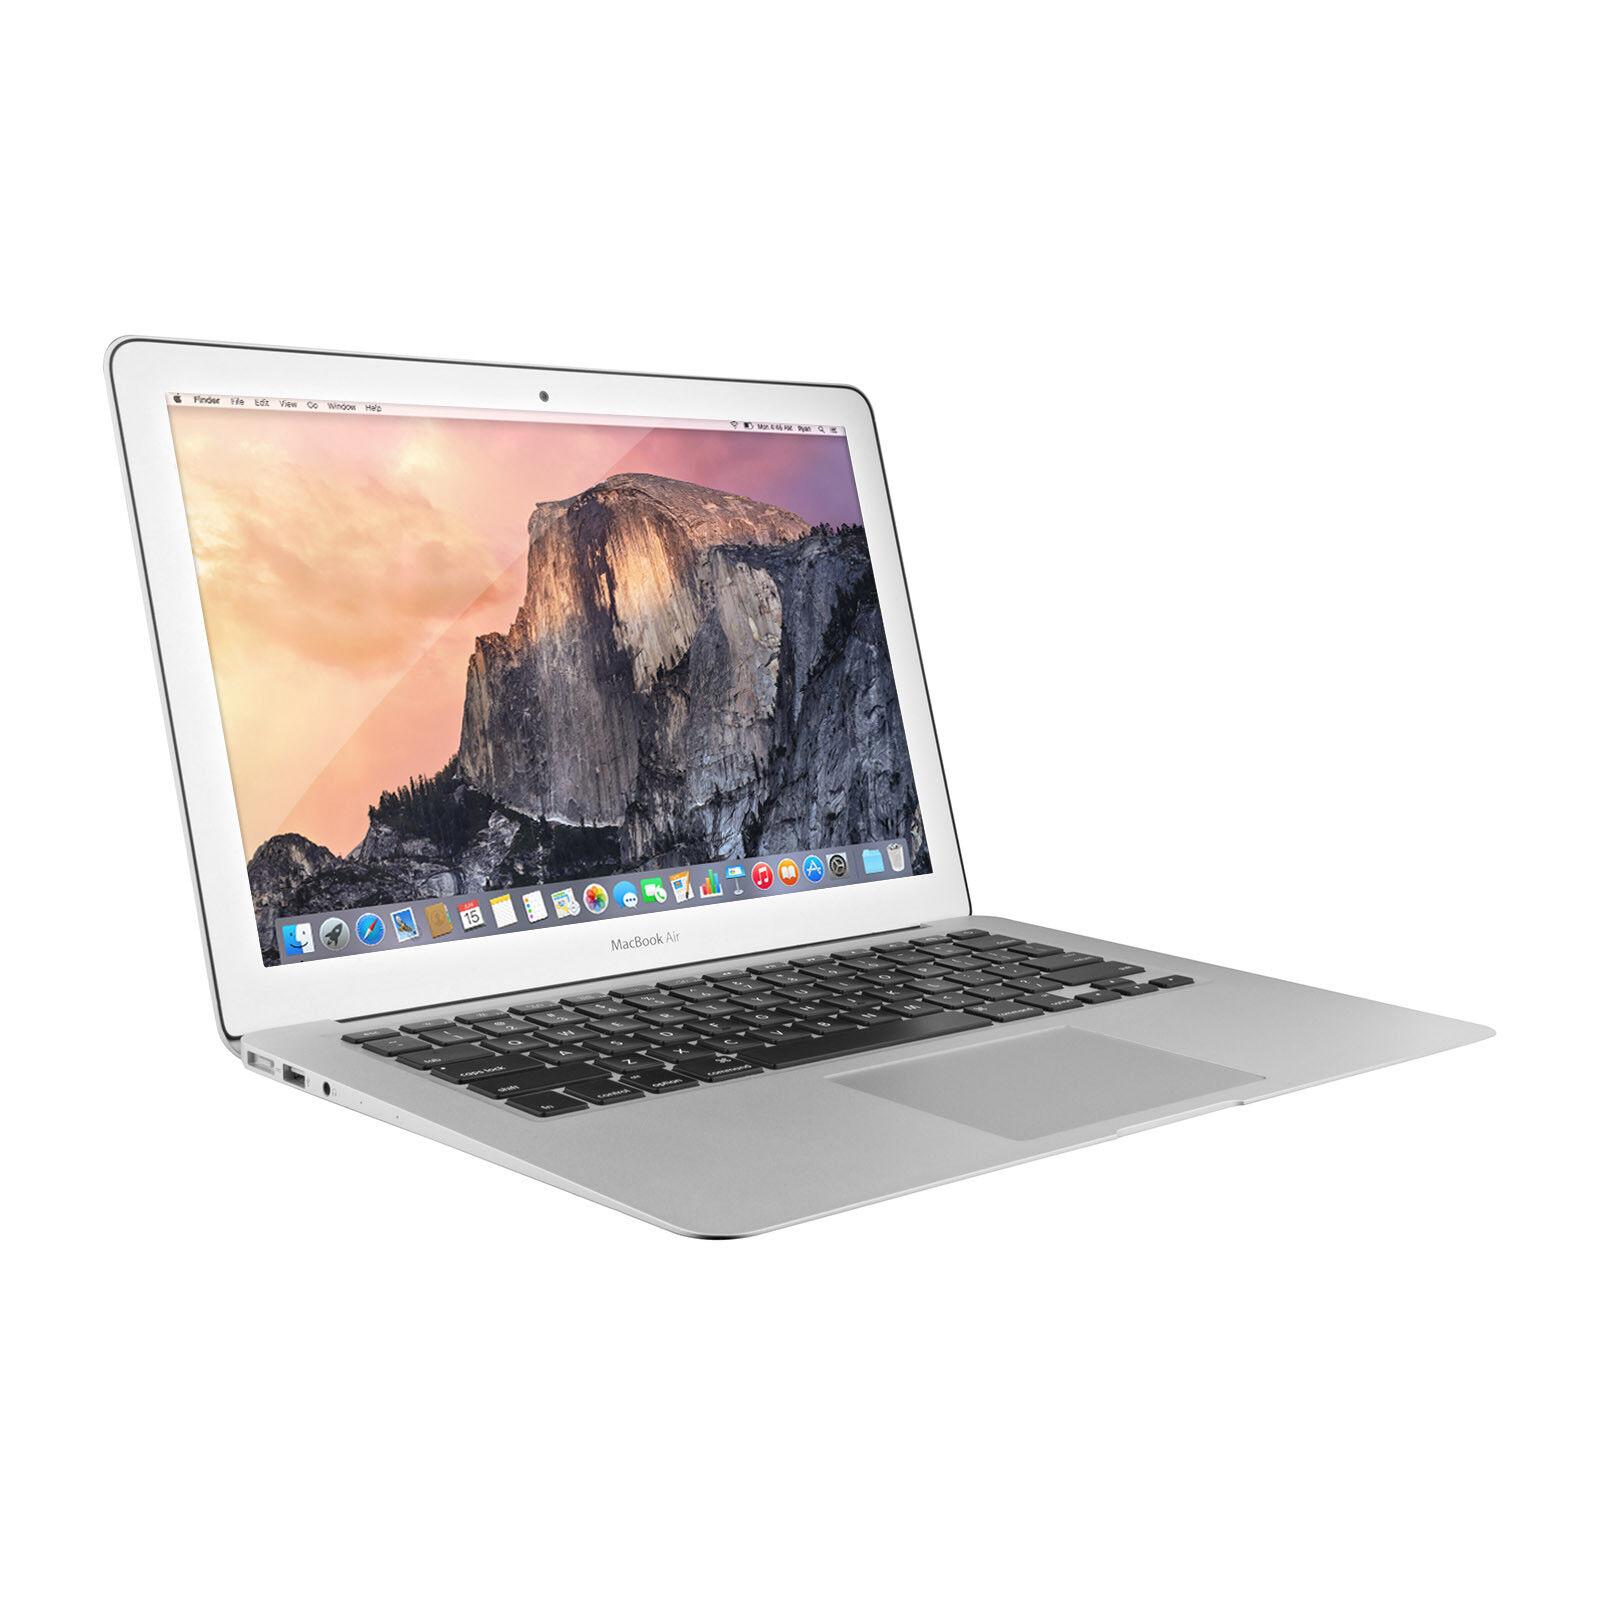 """Apple MacBook Air 13.3"""" 1.6 GHz Core i5, 4GB RAM, 128GB SSD MJVE2LL/A ( 2015)"""